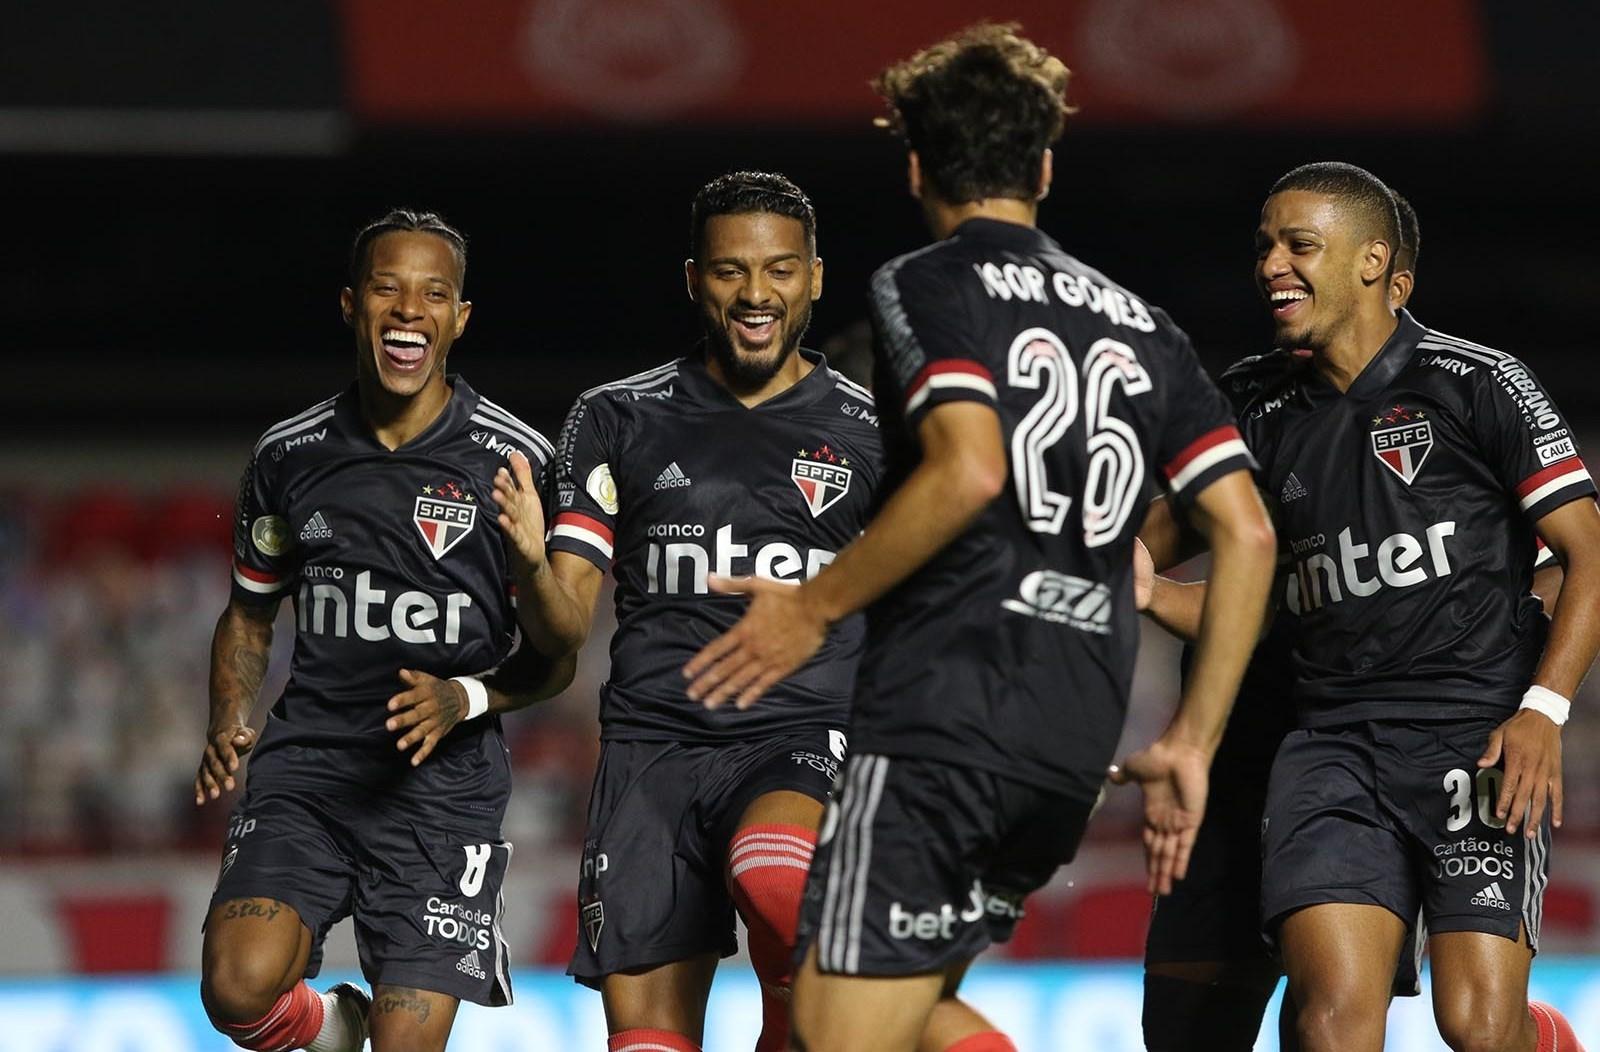 يبتعد ساو باولو بـ 7 نقاط عن أتلتيكو مينيرو